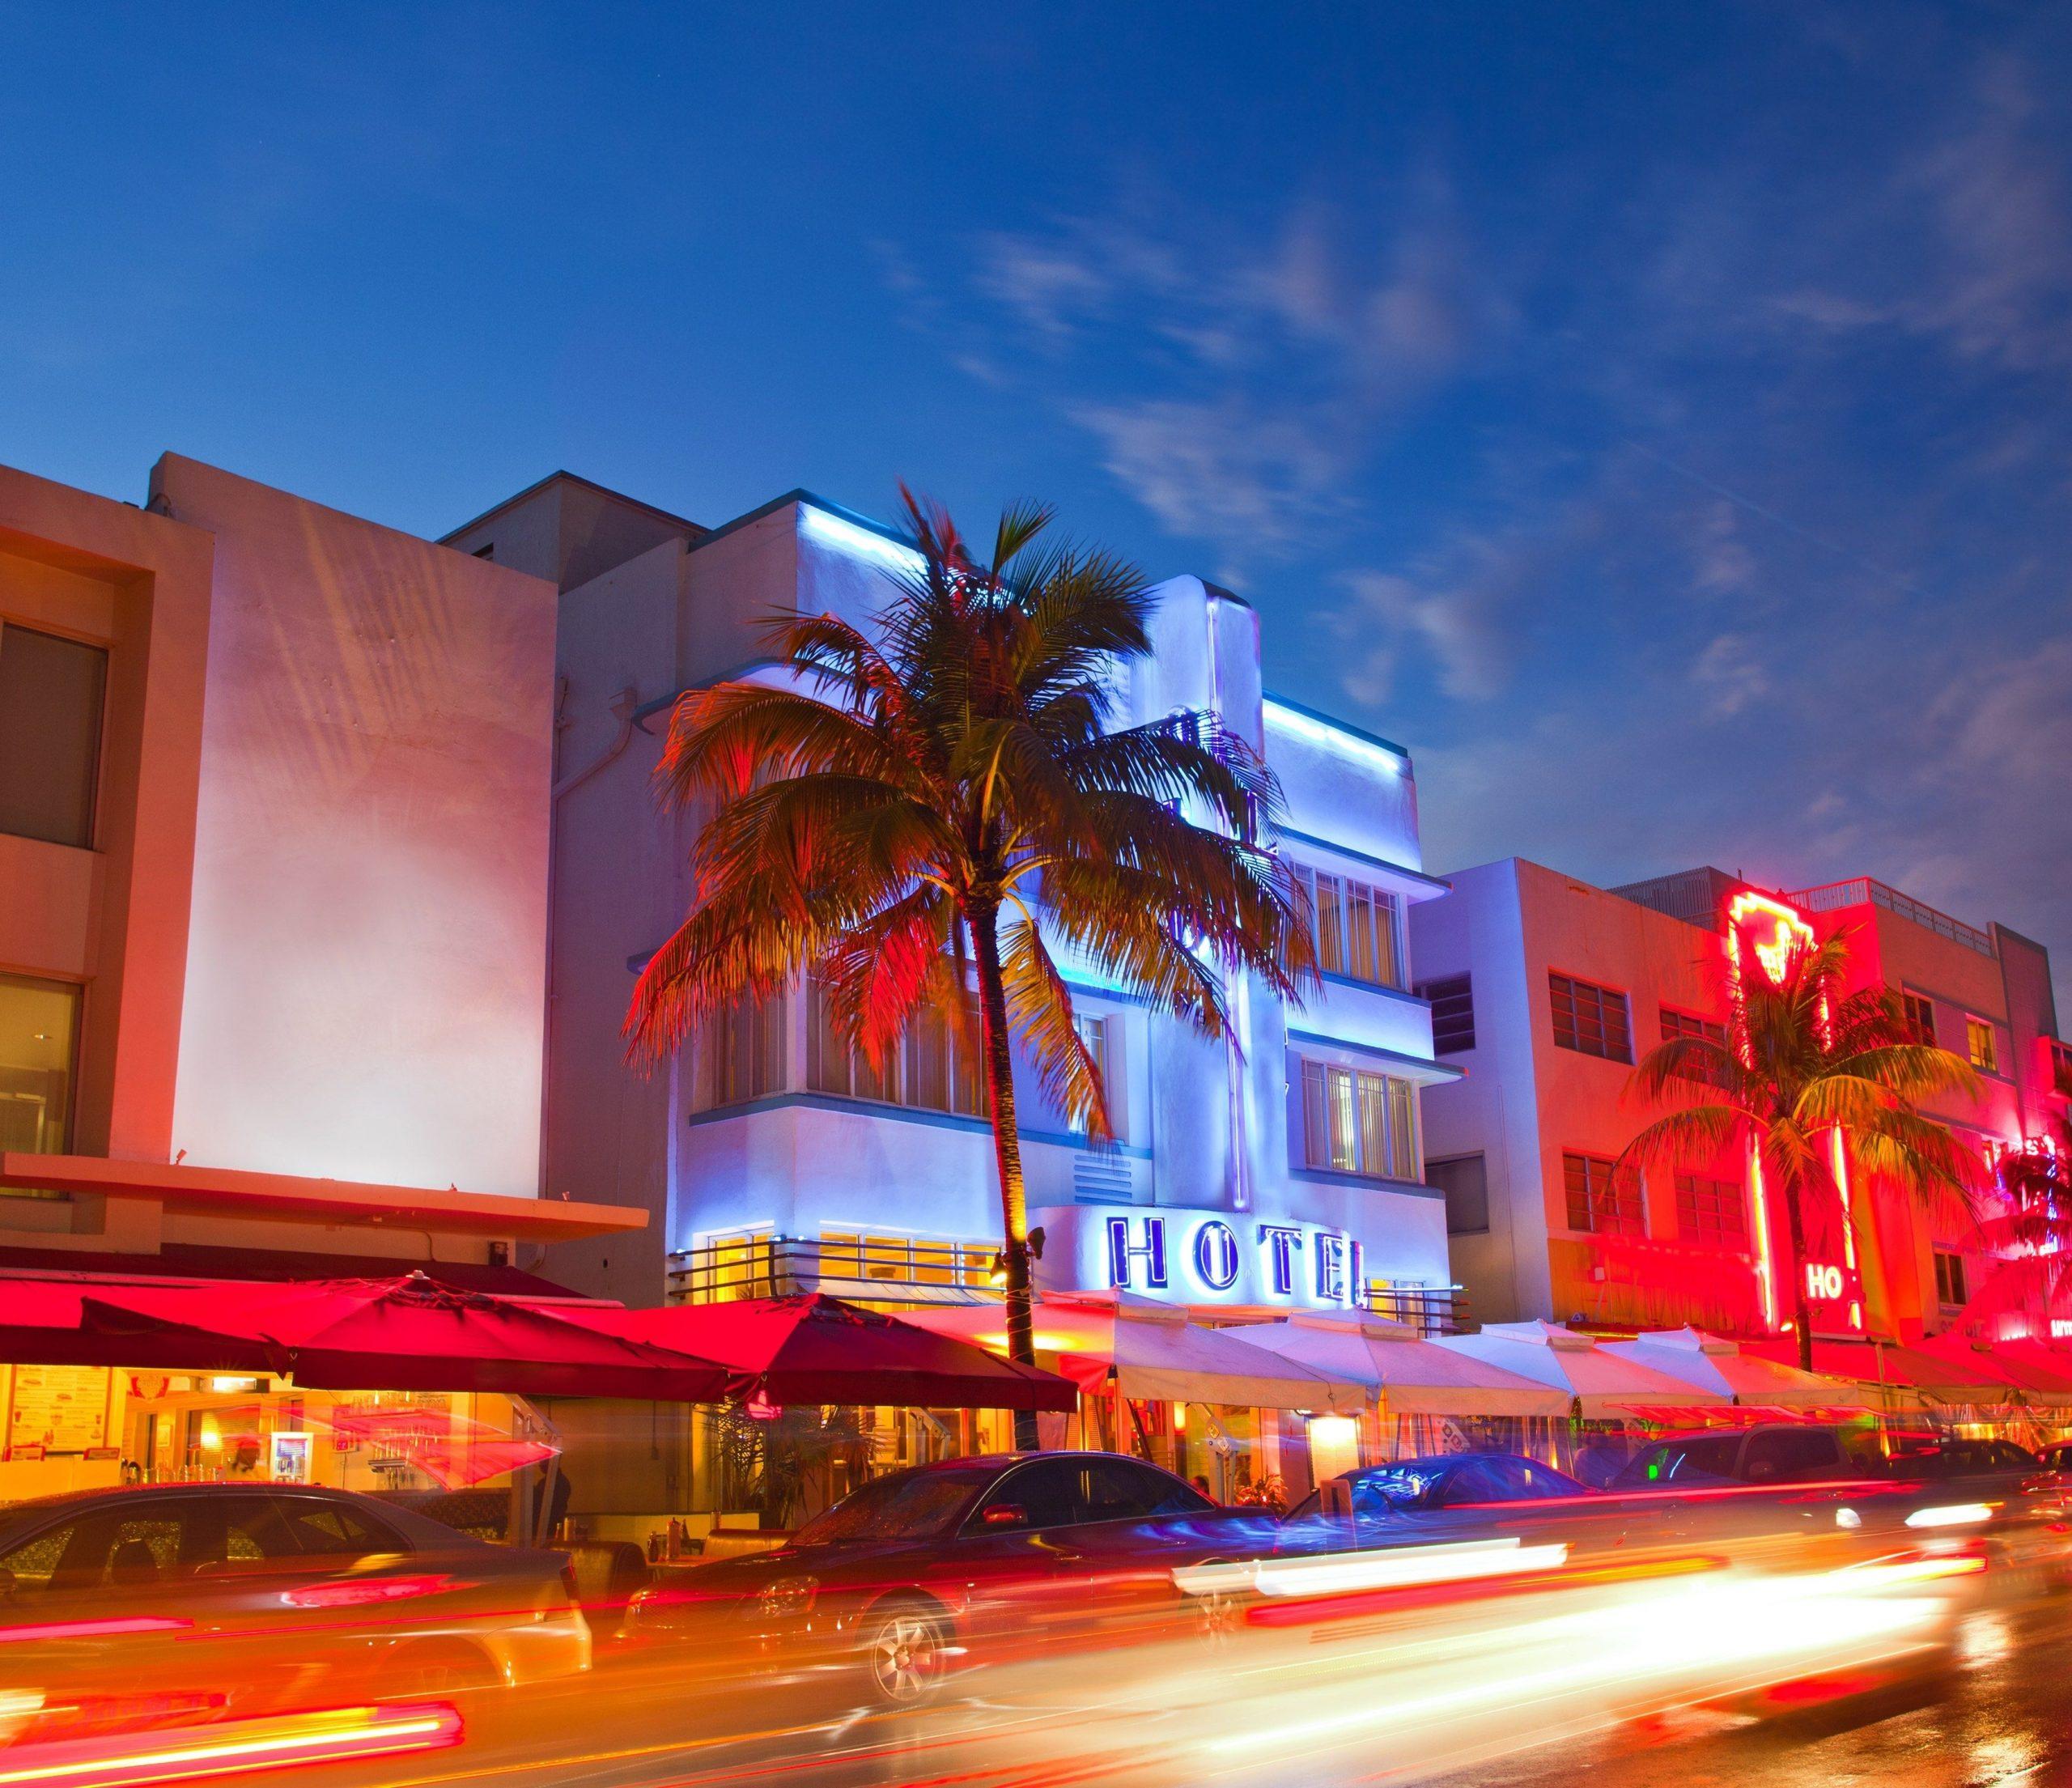 Miami Florida   Miami Travel, Tourism Day, Miami Nightlife pertaining to Nikki Beach Miami Map